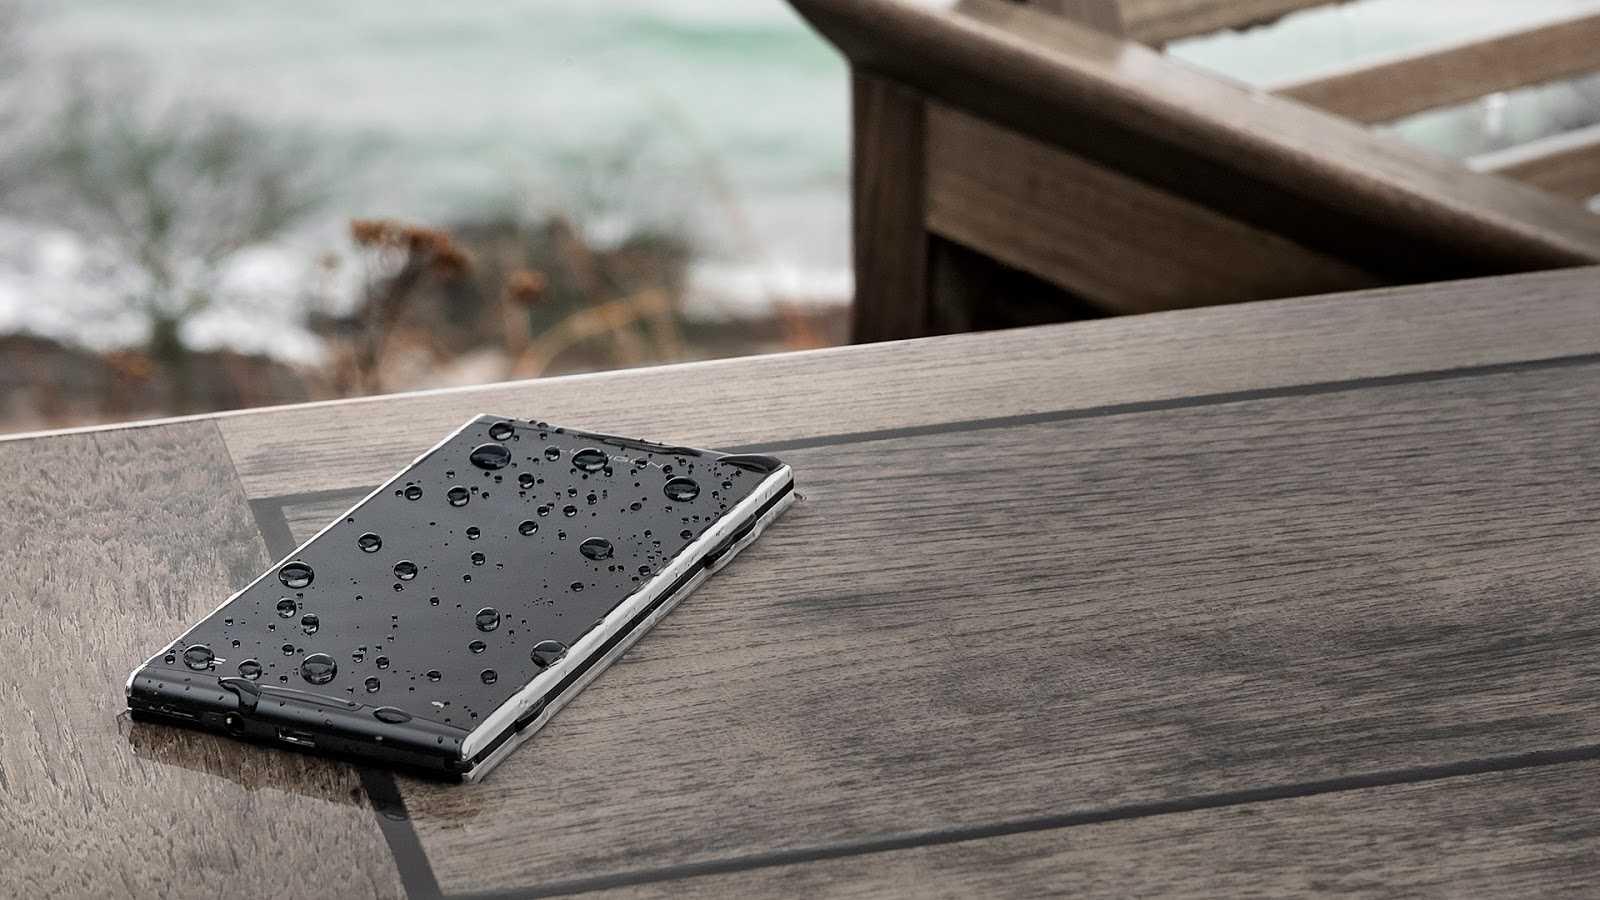 Обзор royole flexpai: первый складной смартфон в мире • 4dim